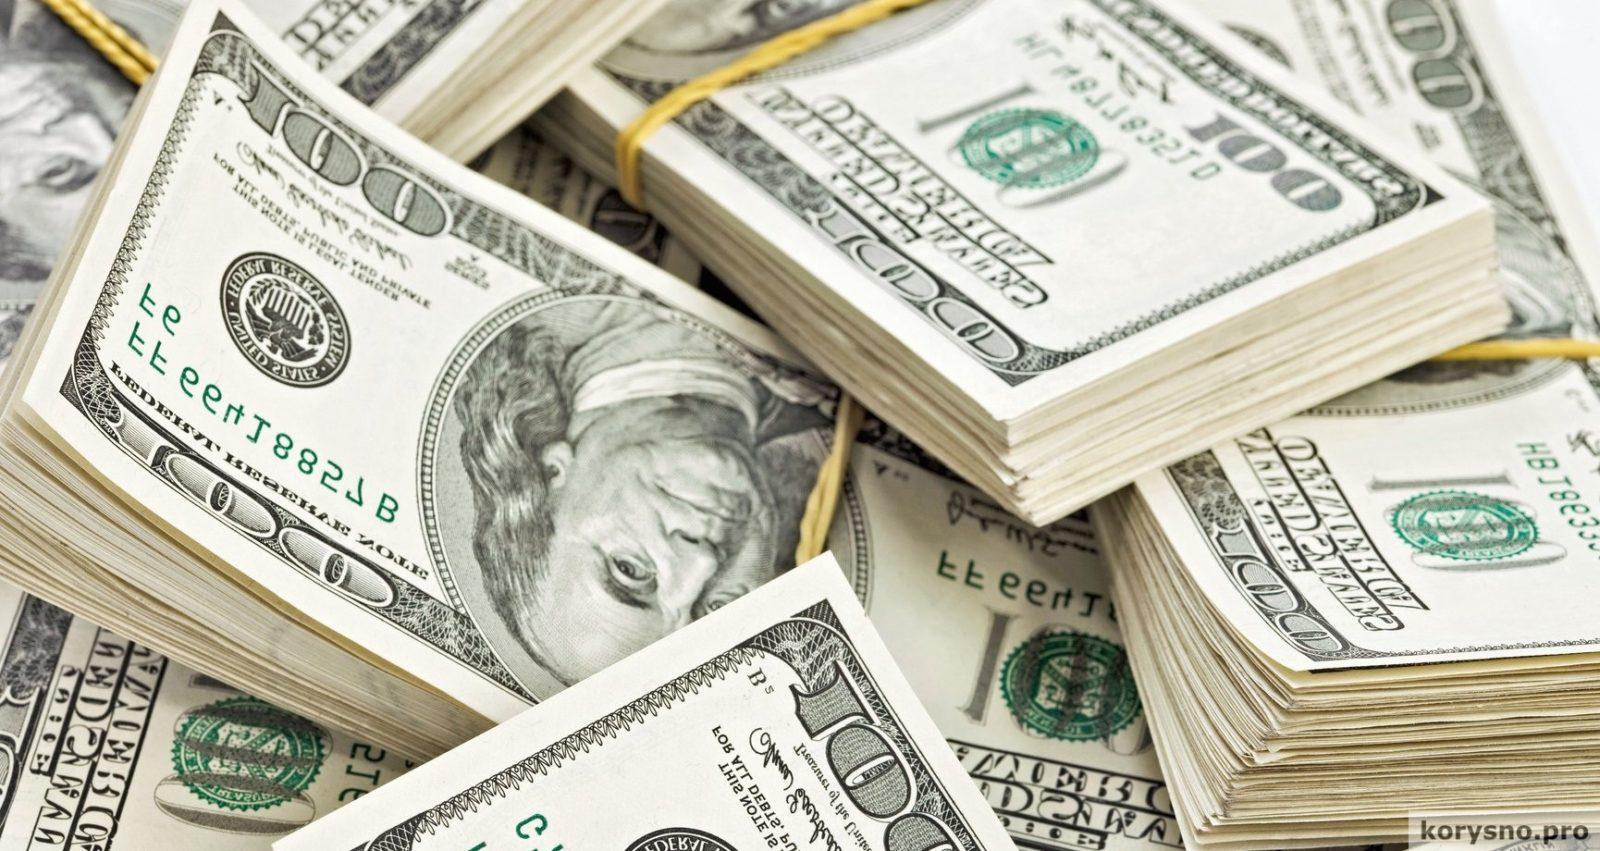 Деньги как привлечь: способы привлечения денег от древности до наших дней